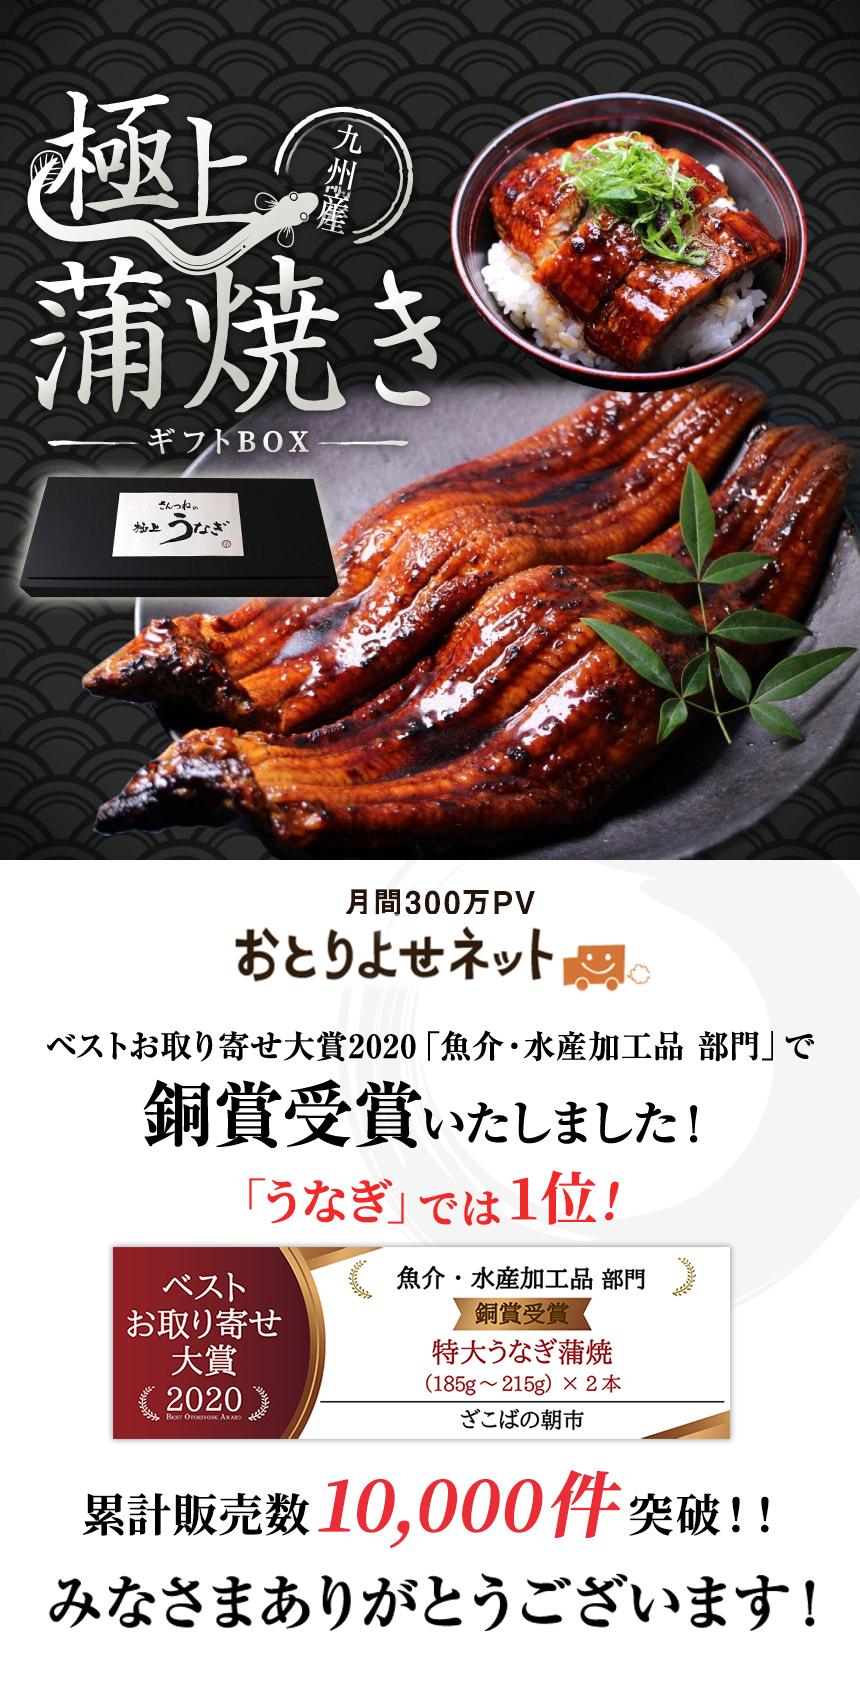 九州産うなぎ(鰻・ウナギ)の蒲焼きお取り寄せギフト(ギフトボックス)